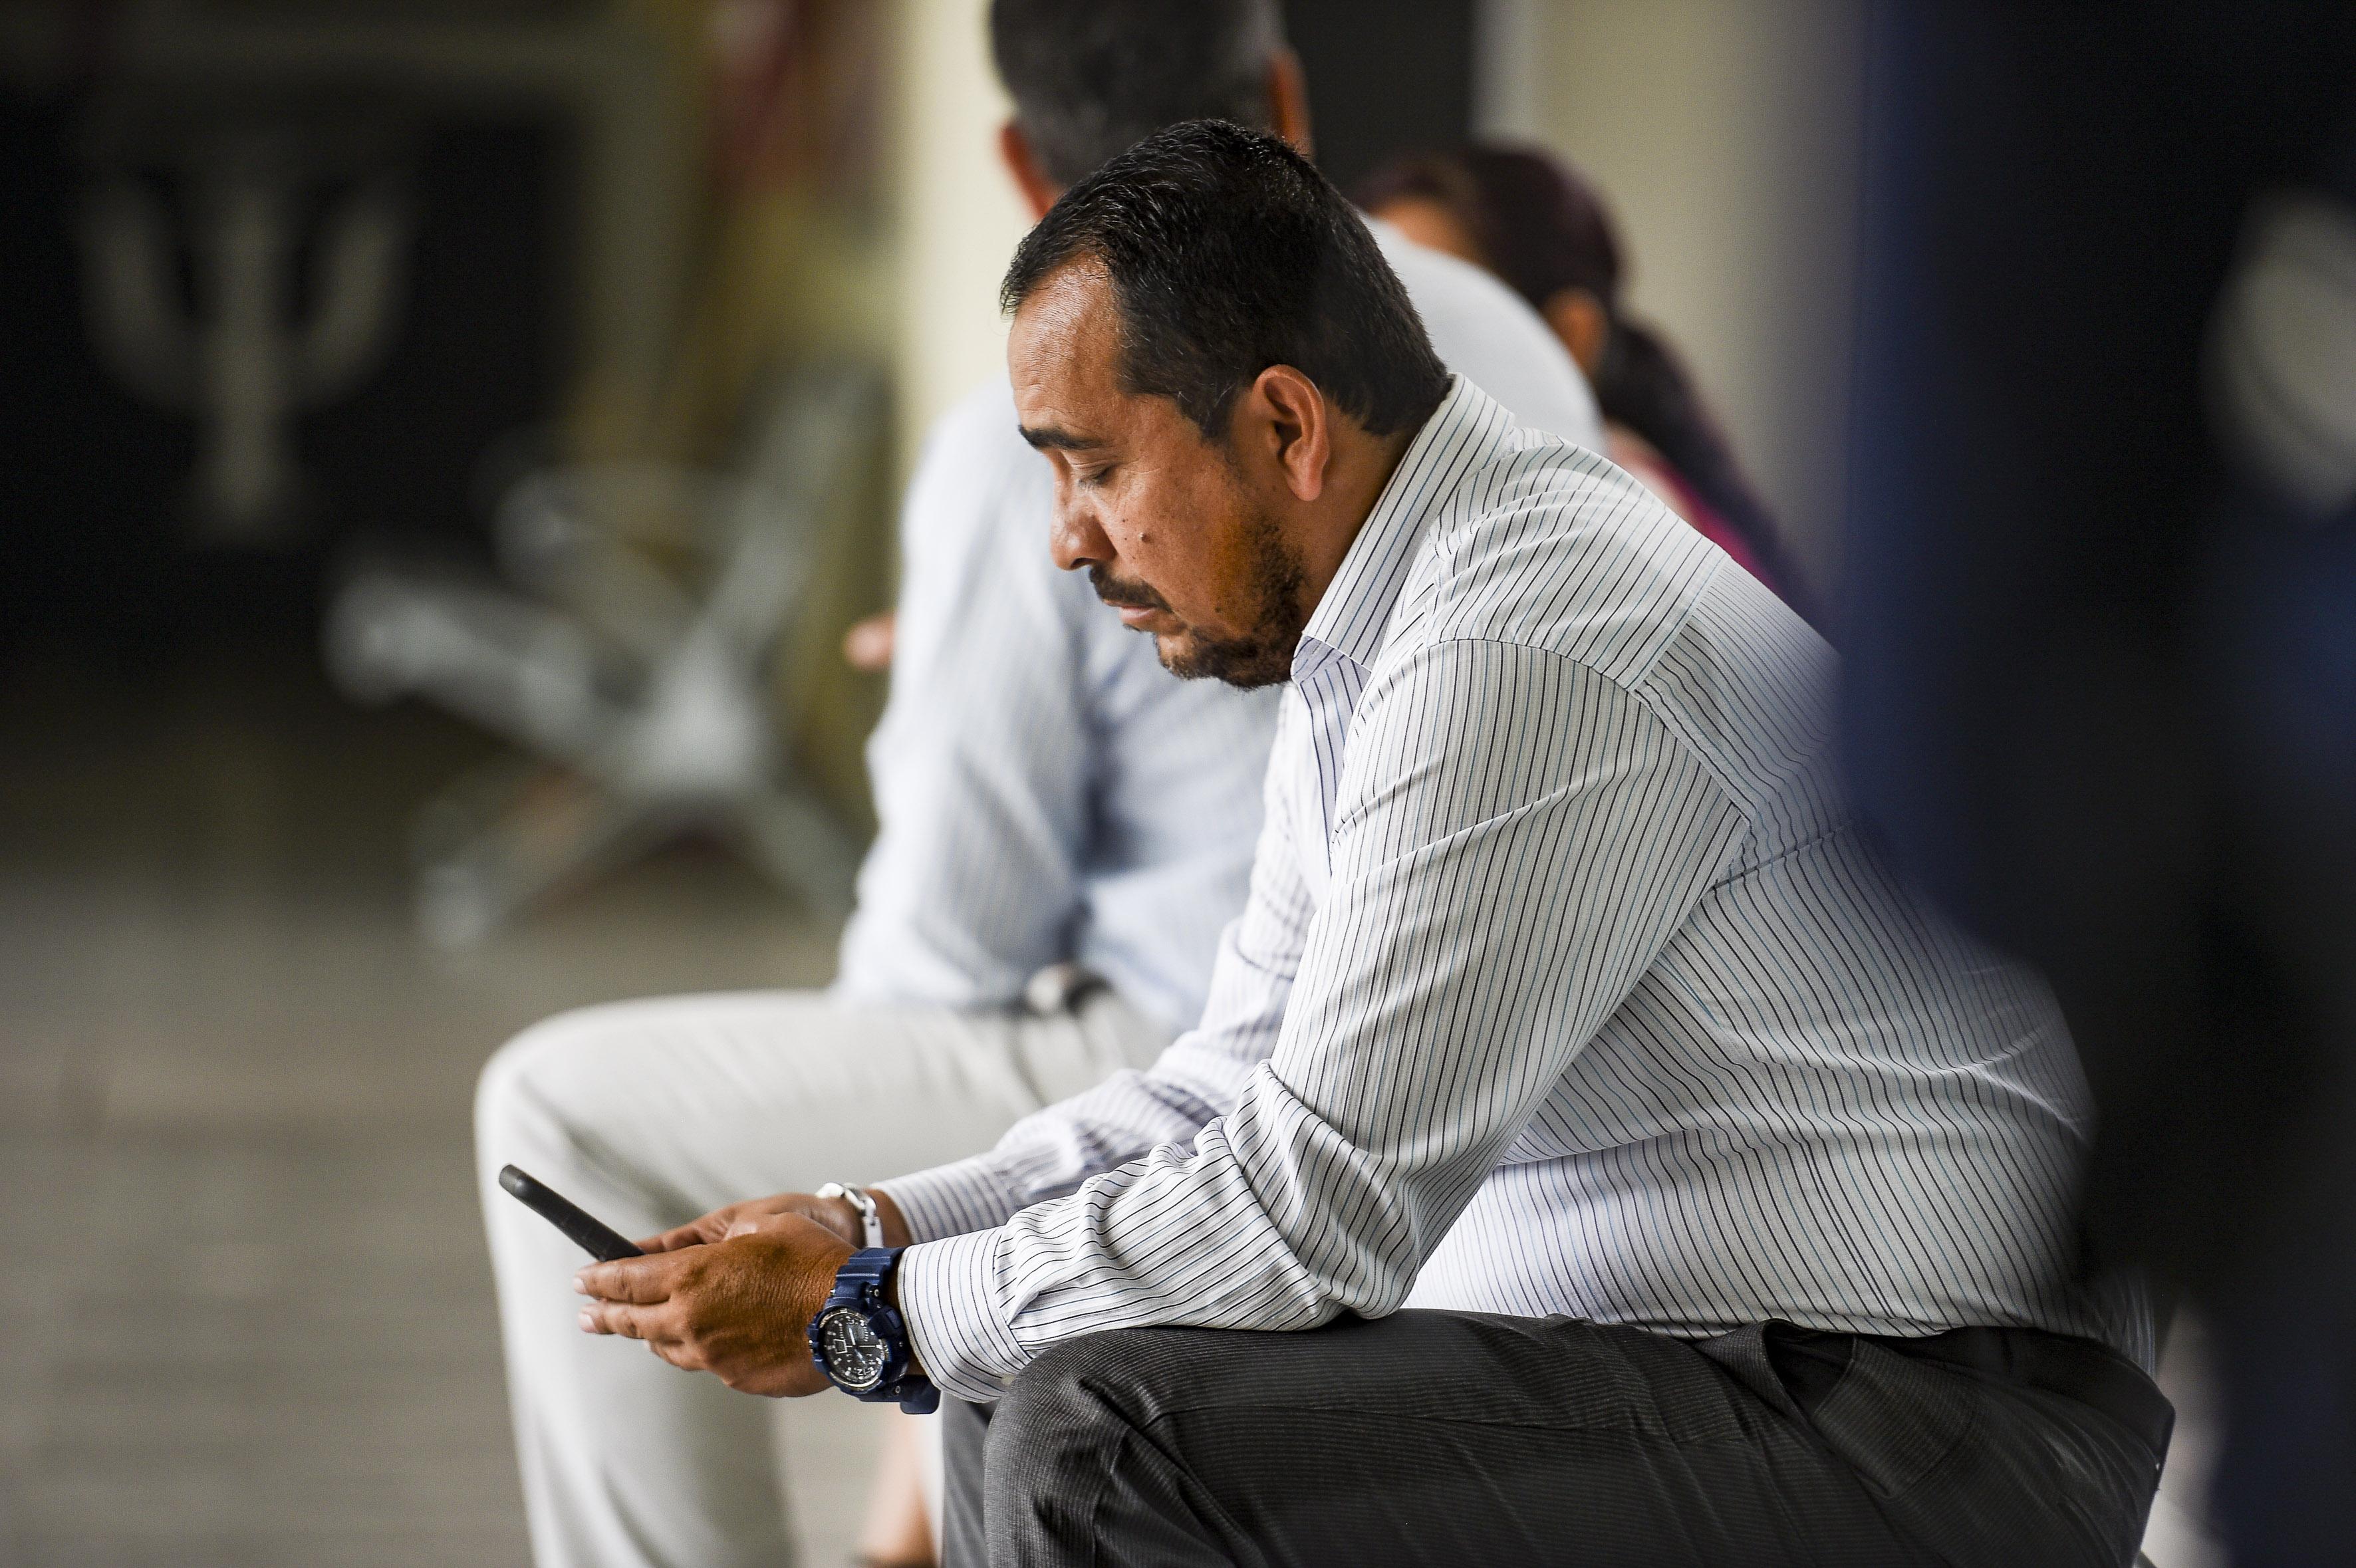 Persona sentada usando su celular